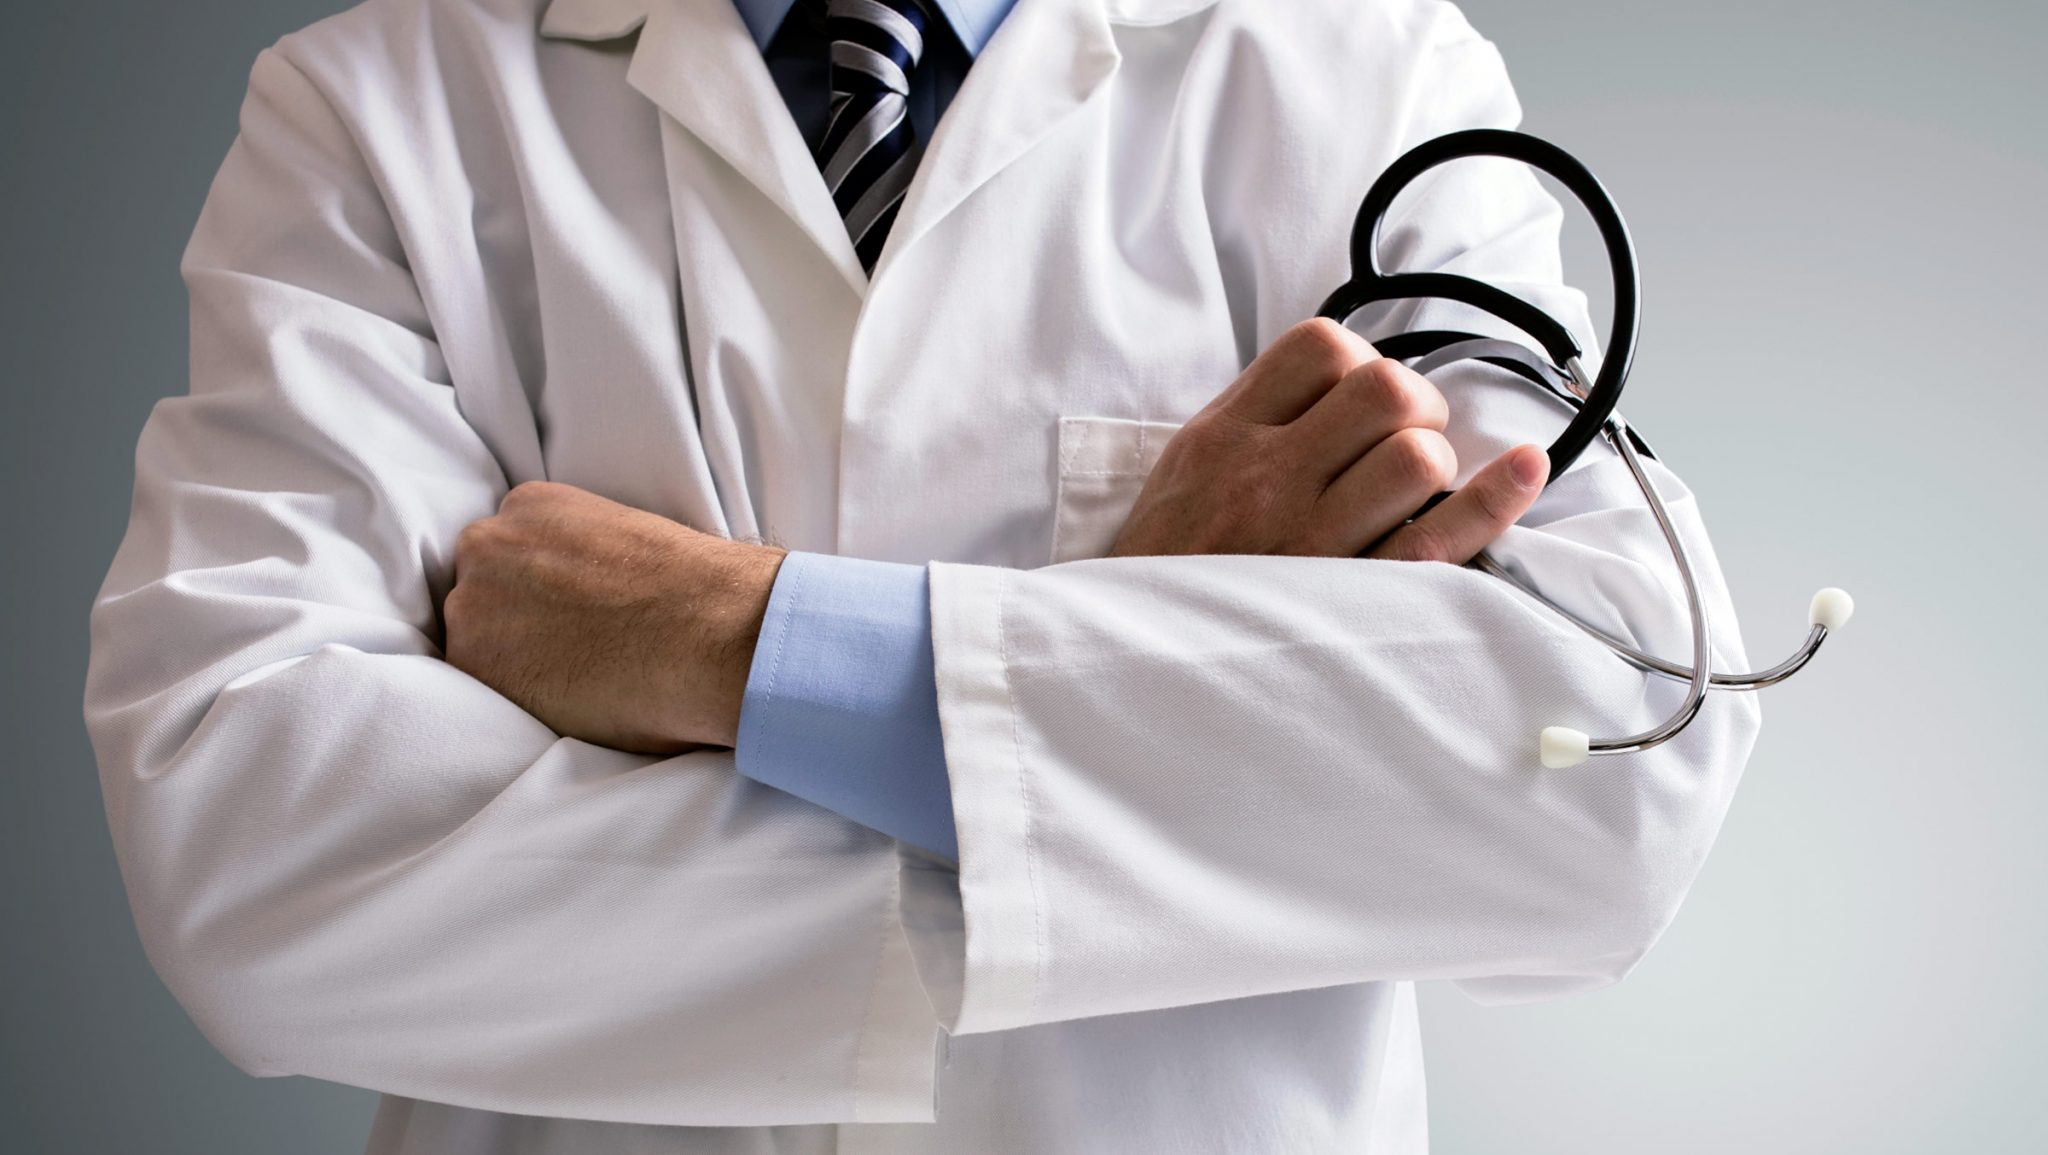 Guvernul a aprobat. Medicii și personalul medical din țară vor primi salarii mai mari